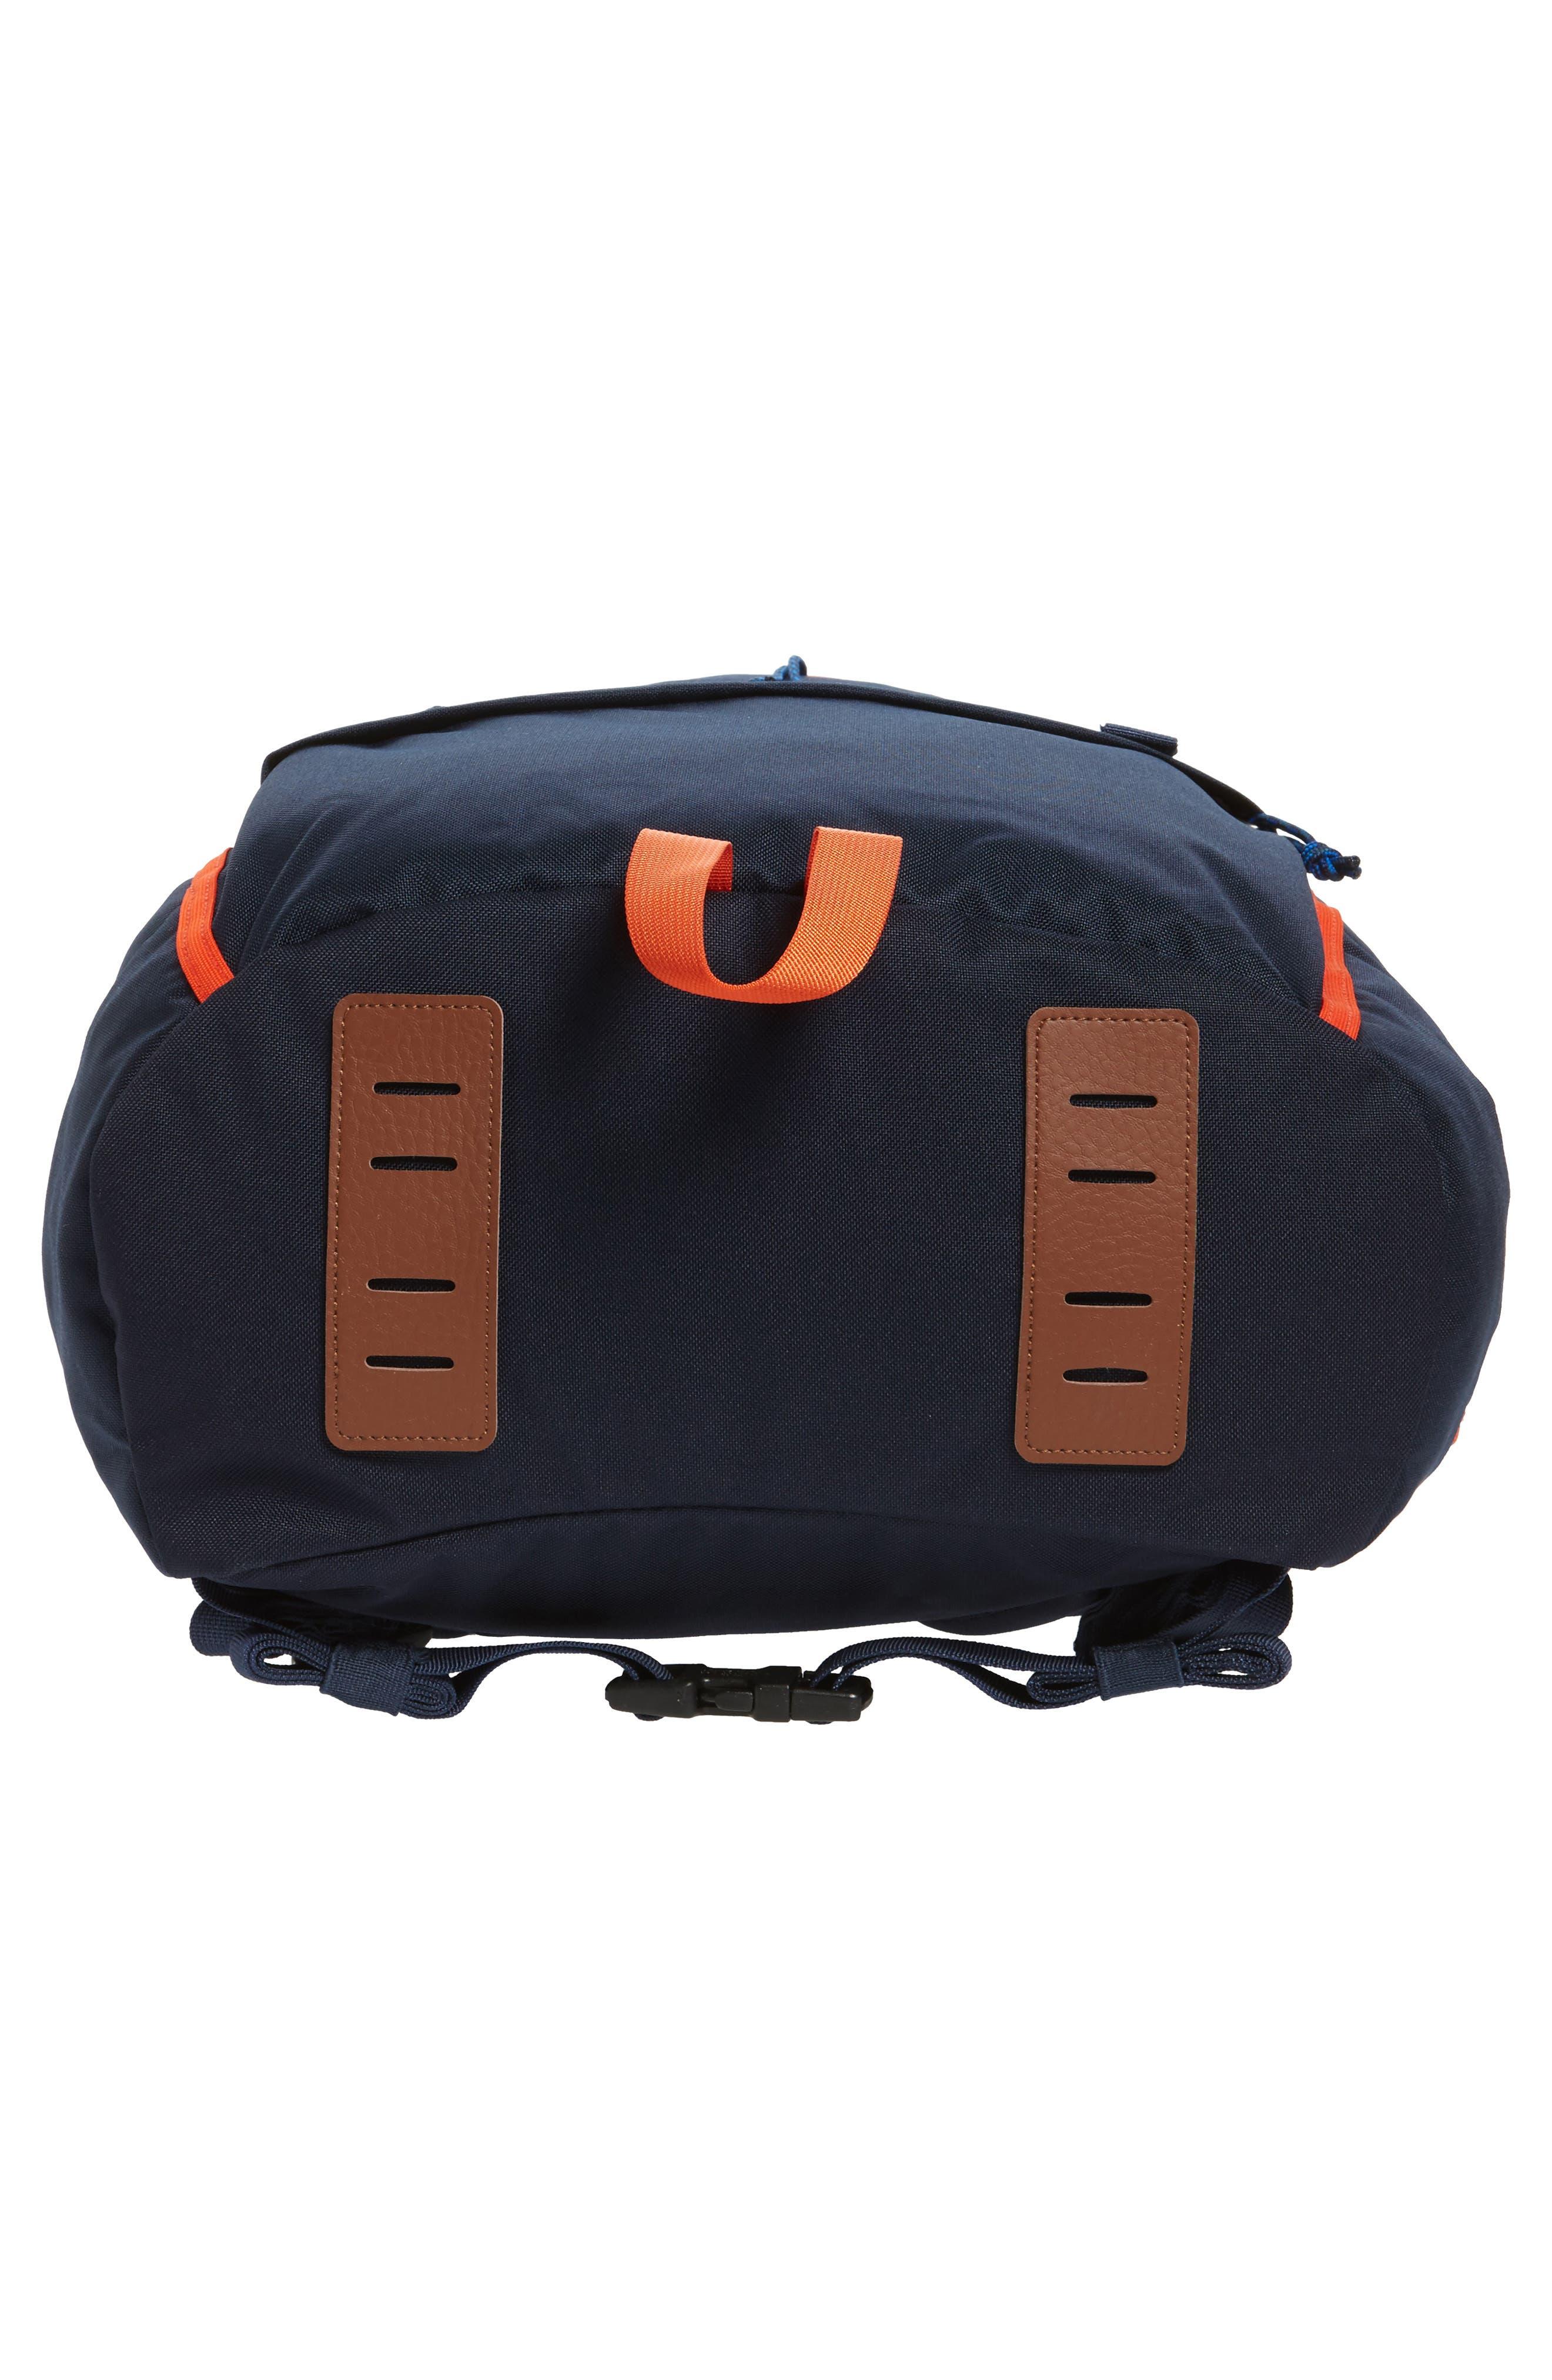 Arbor Grande 32-Liter Backpack,                             Alternate thumbnail 6, color,                             Navy Blue/ Paintbrush Red